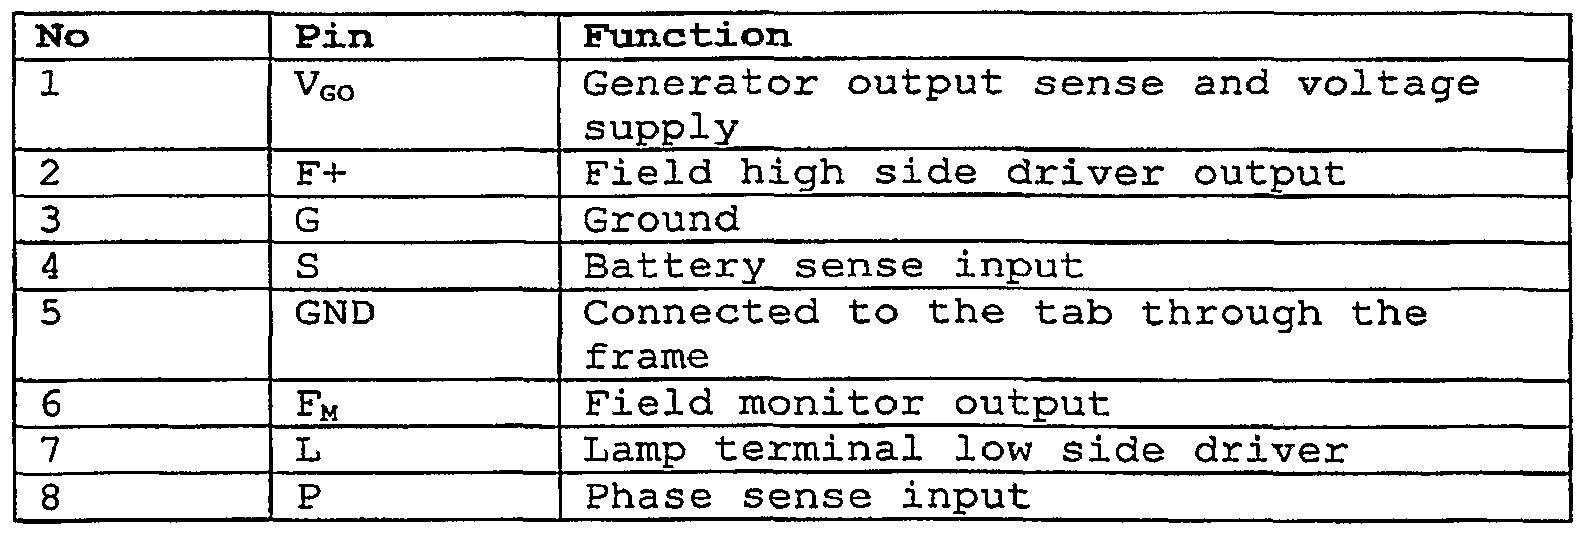 imgf000018_0001 transpo voltage regulator external wiring photo album wire,Transpo Voltage Regulator Wiring